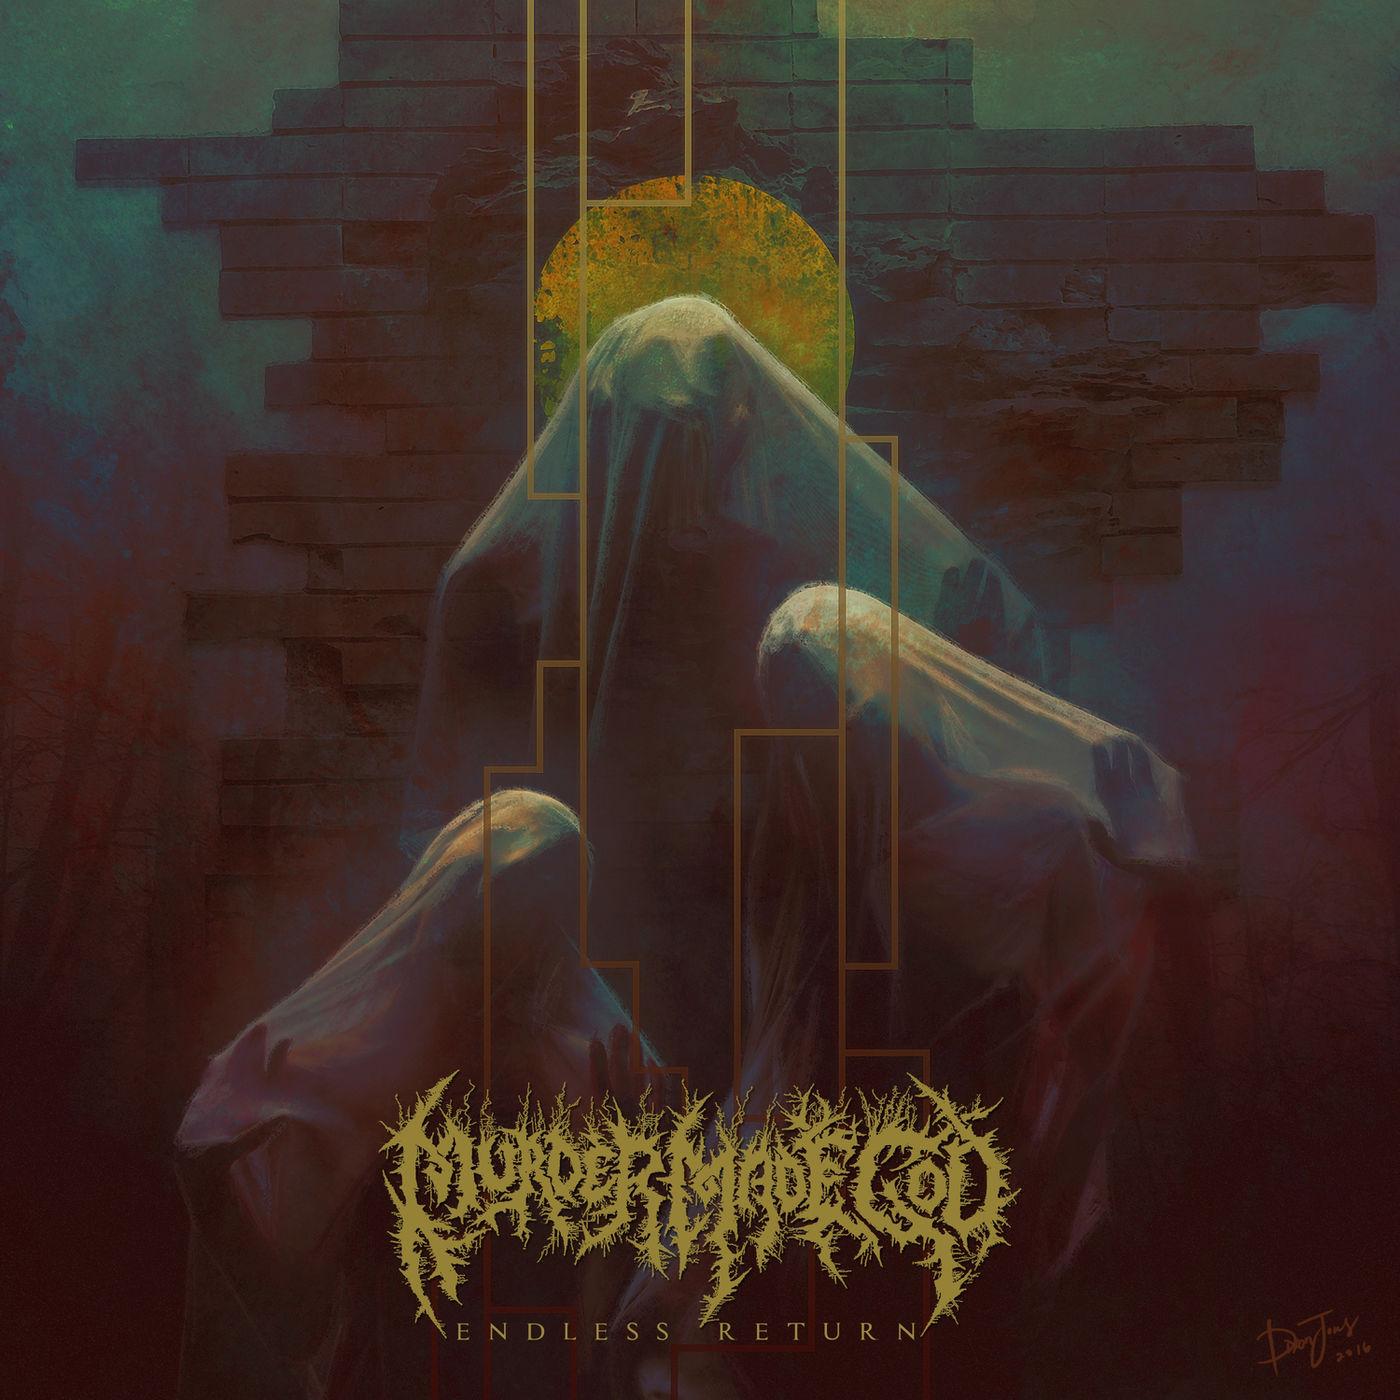 Murder Made God - Alive [single] (2019)